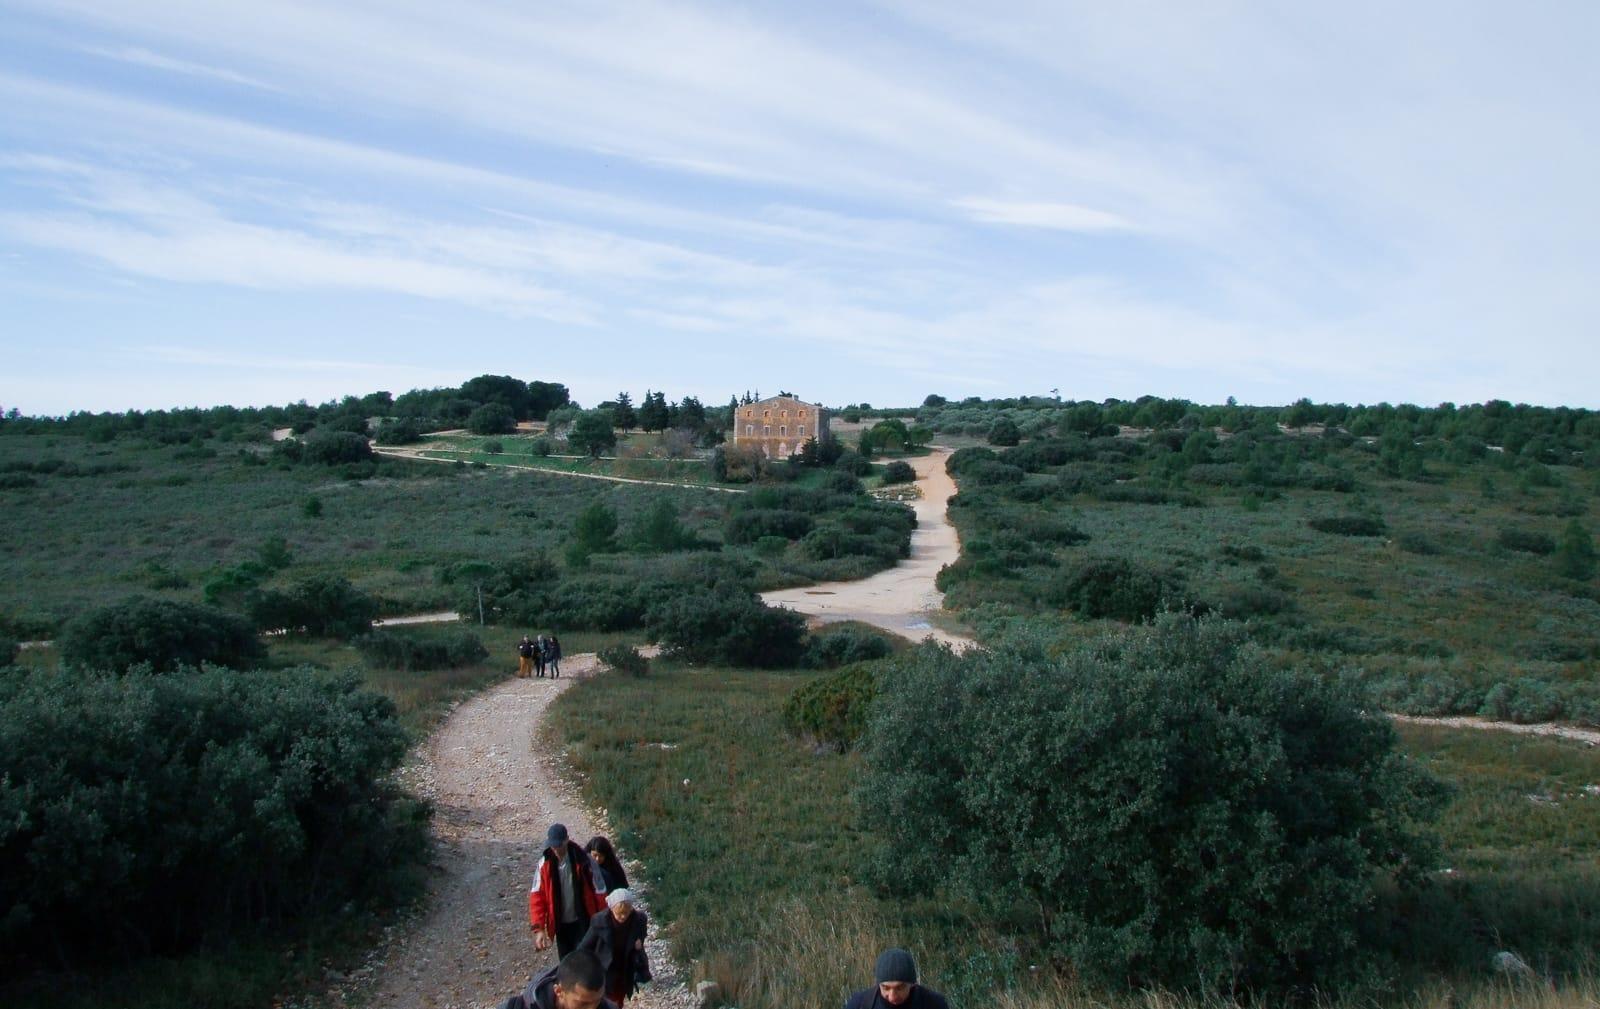 Frange ville nature Marseille Maison de chasse massif etoile ®Hermeline Carpentier